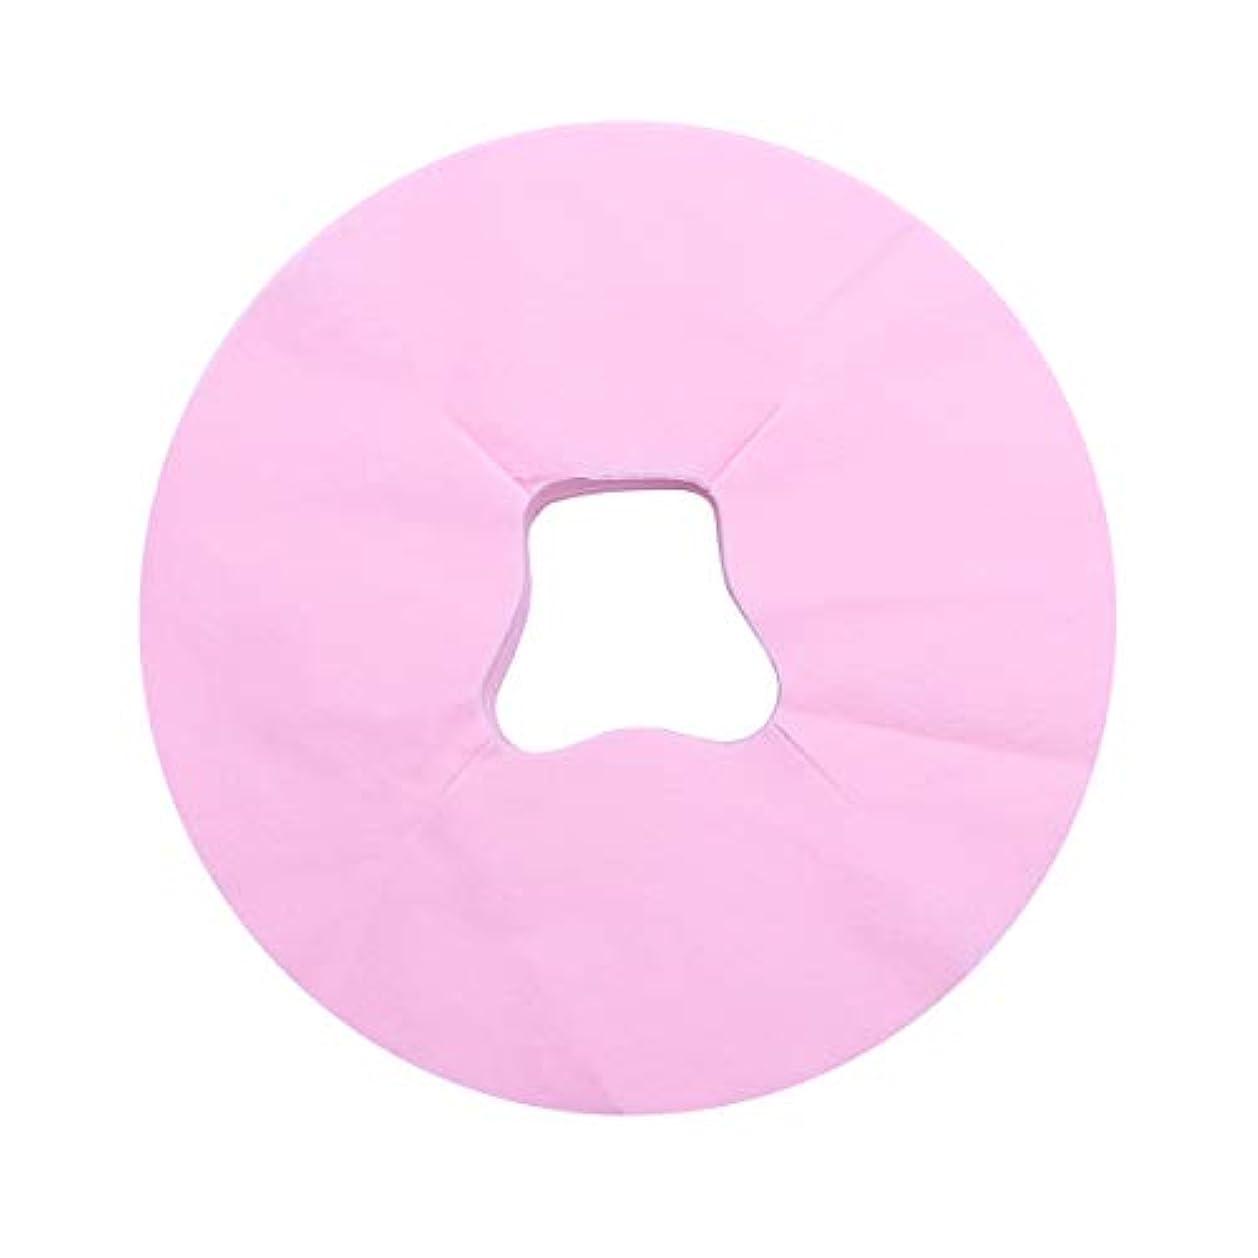 詳細に少し名詞Healifty 100ピース使い捨てフェイスマッサージカバーパッドフェイスホールピロークッションマットサロンスパフェイシャルベッドヘッドレスト枕シート(ピンク)